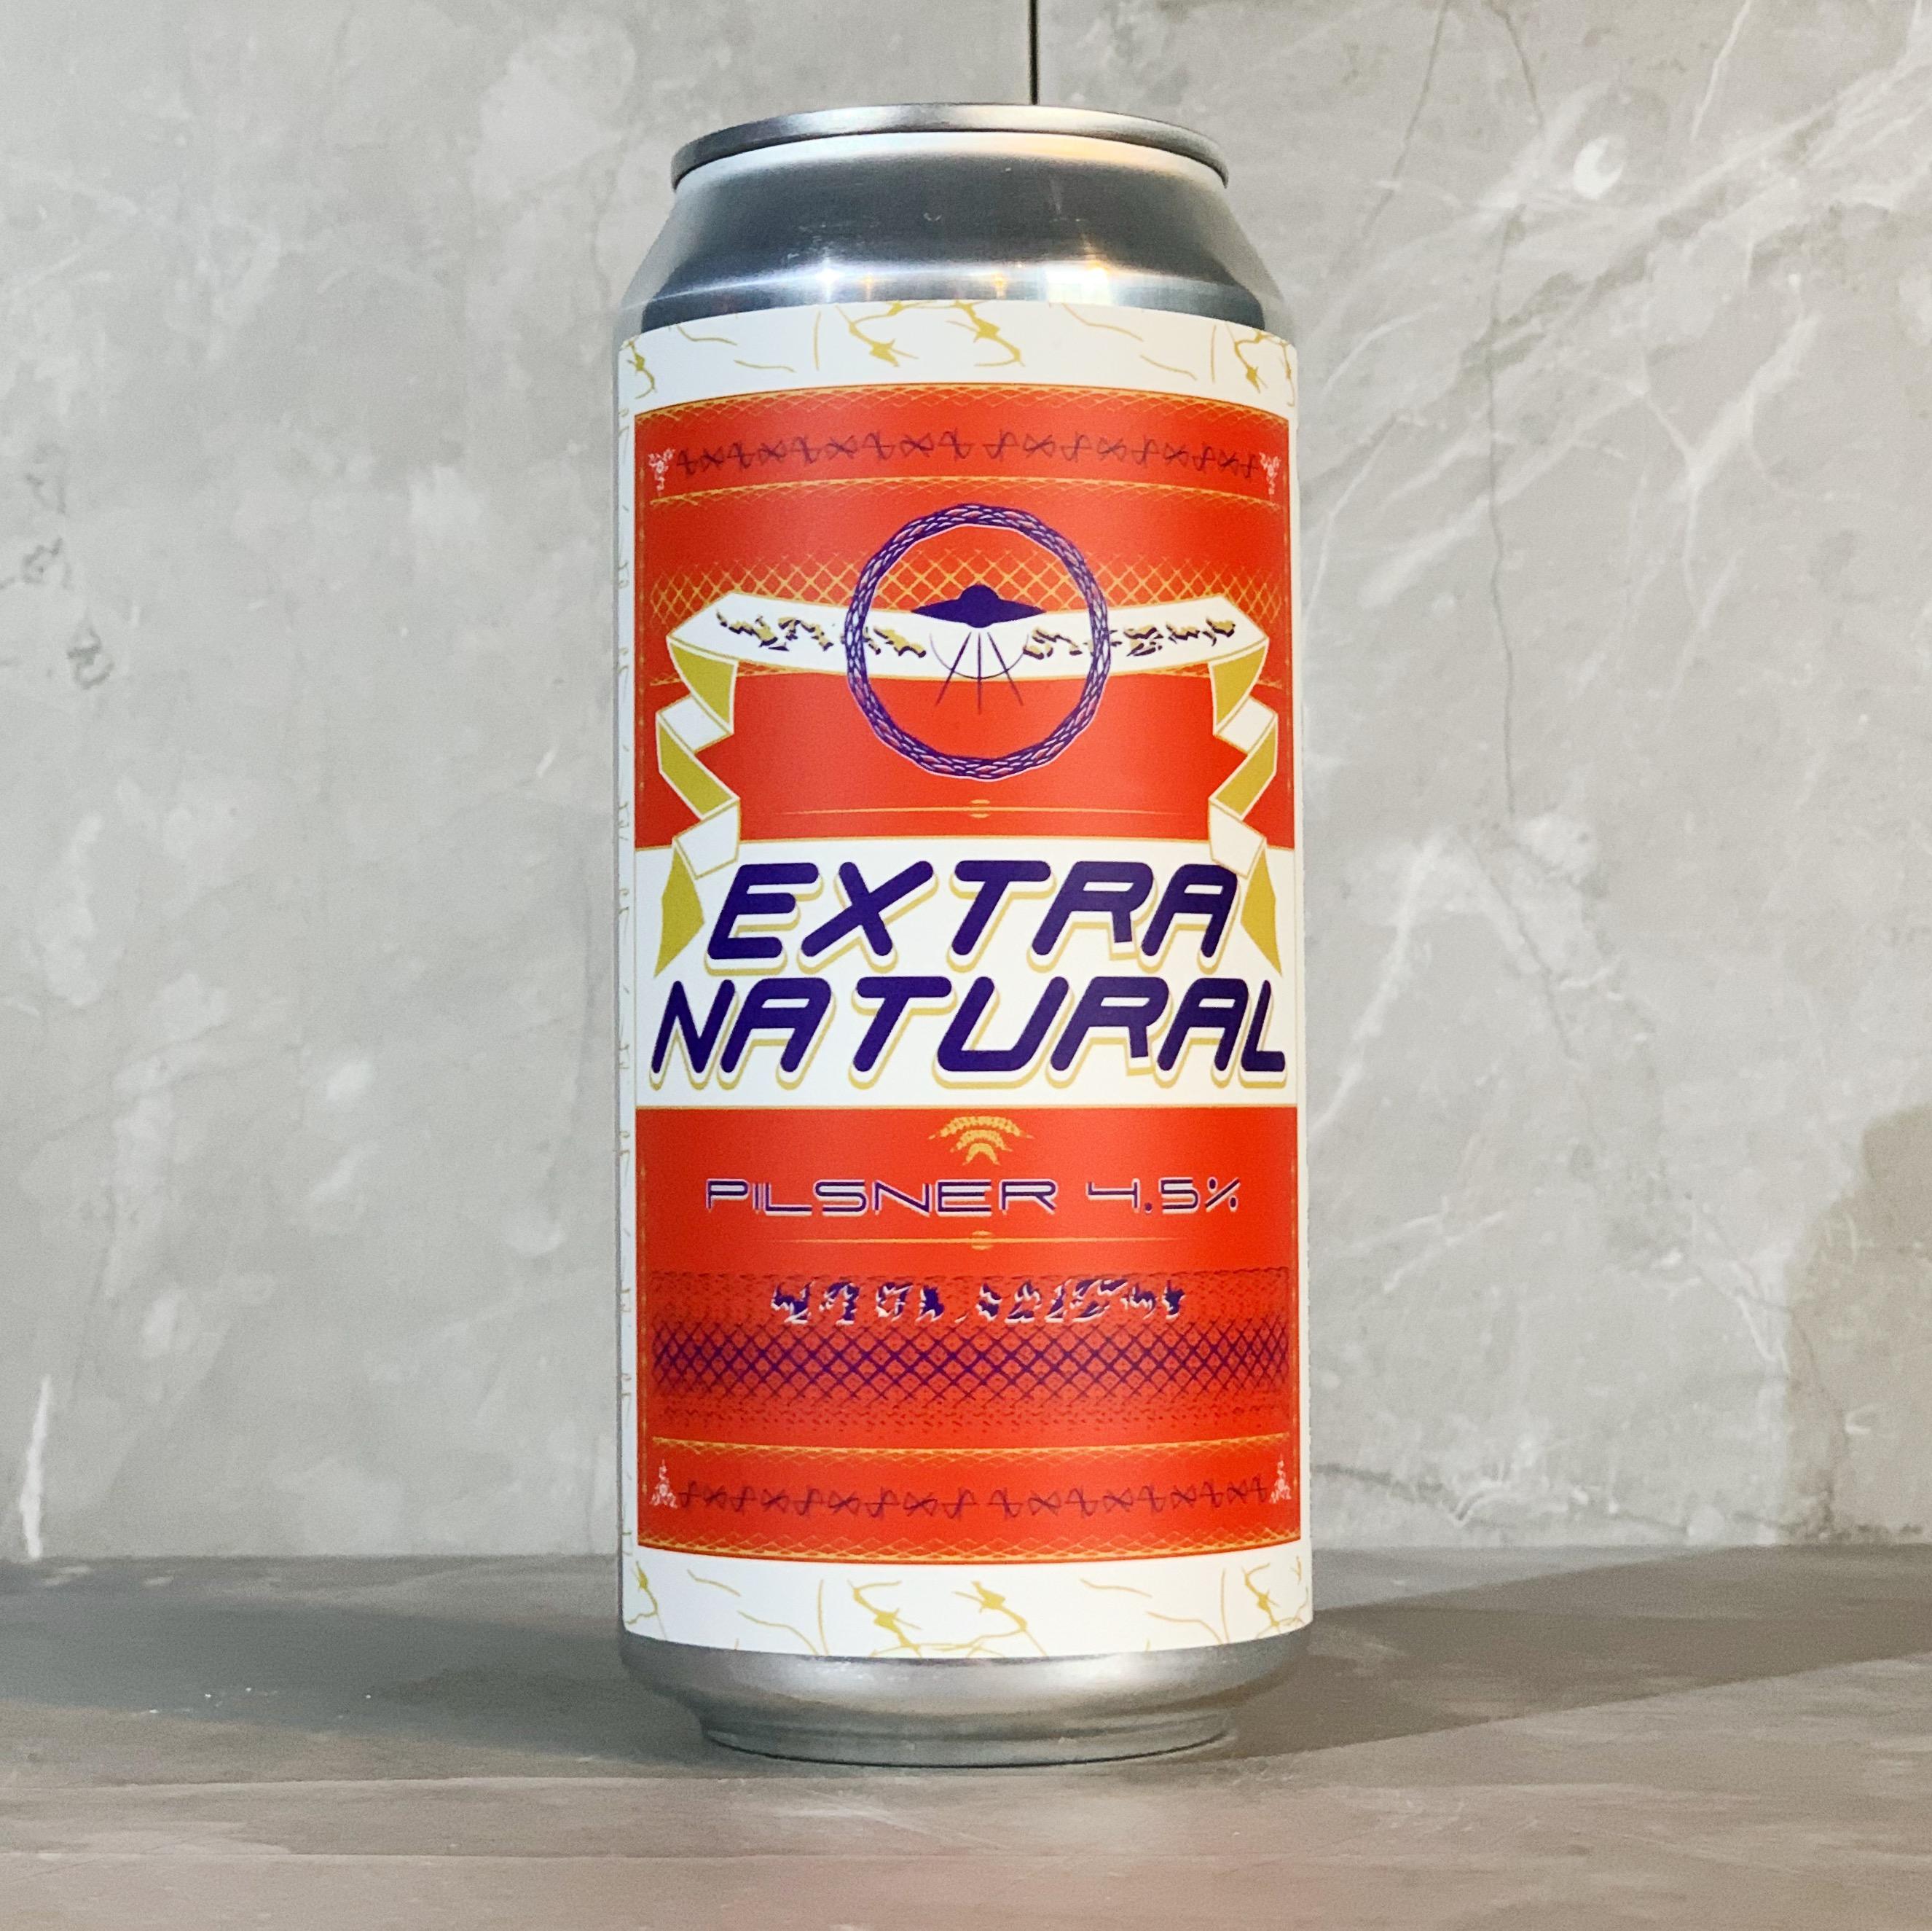 GAMMA / EXTRA NATURAL   PILSNER   4.5% ABV   440ML